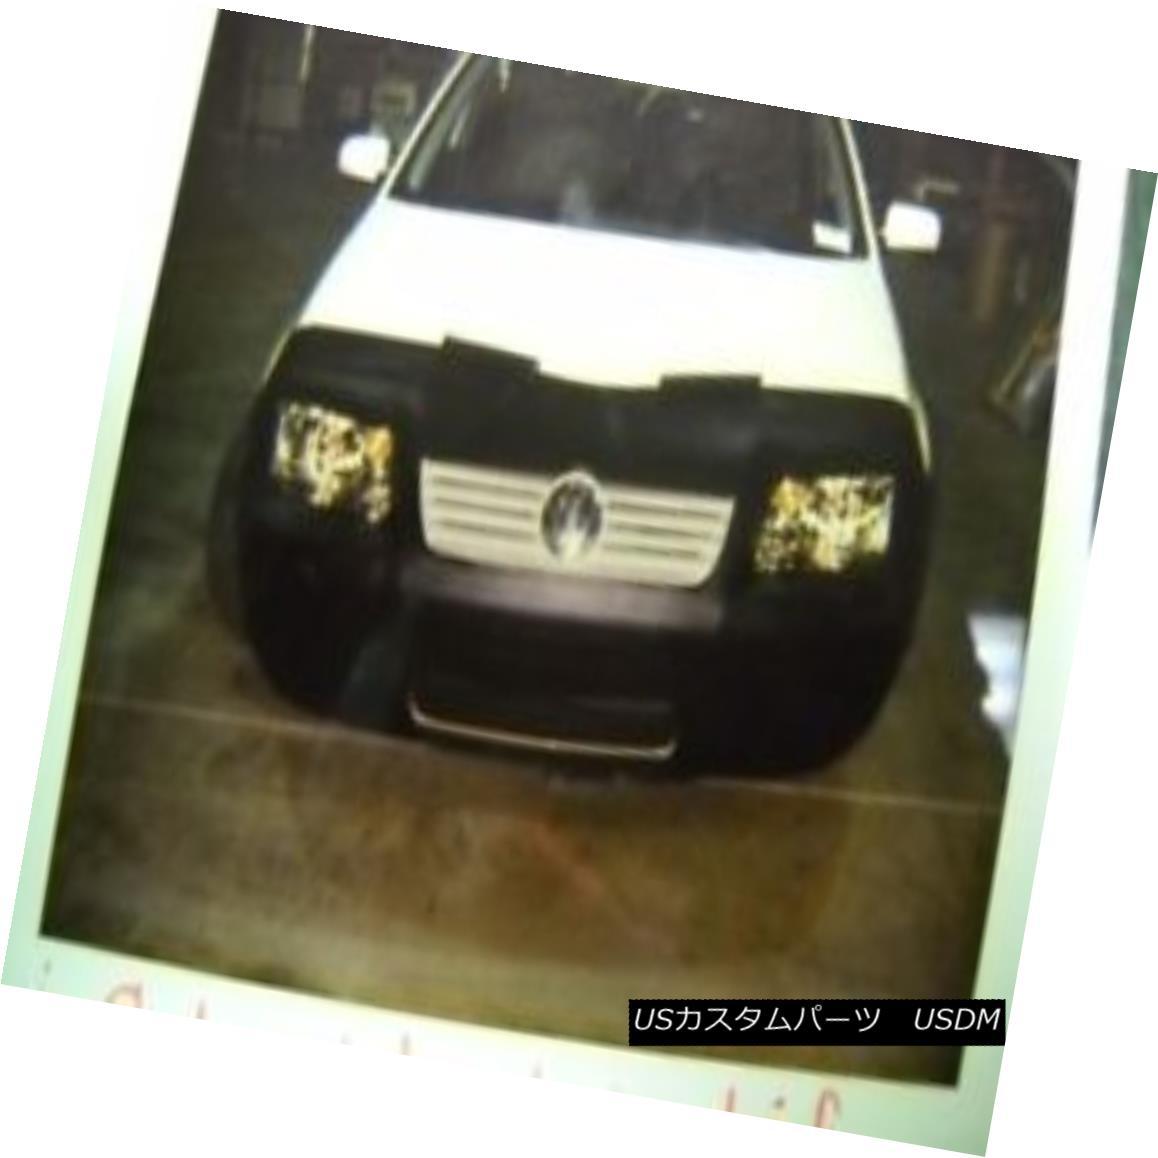 フルブラ ノーズブラ Lebra Front End Mask Cover Bra Fits 1999-2005 VW Jetta W/O park lights in bumper Lebraフロントエンドマスクカバーブラは1999-2005年に適合VW Jetta W / Oパークライトでバンパー